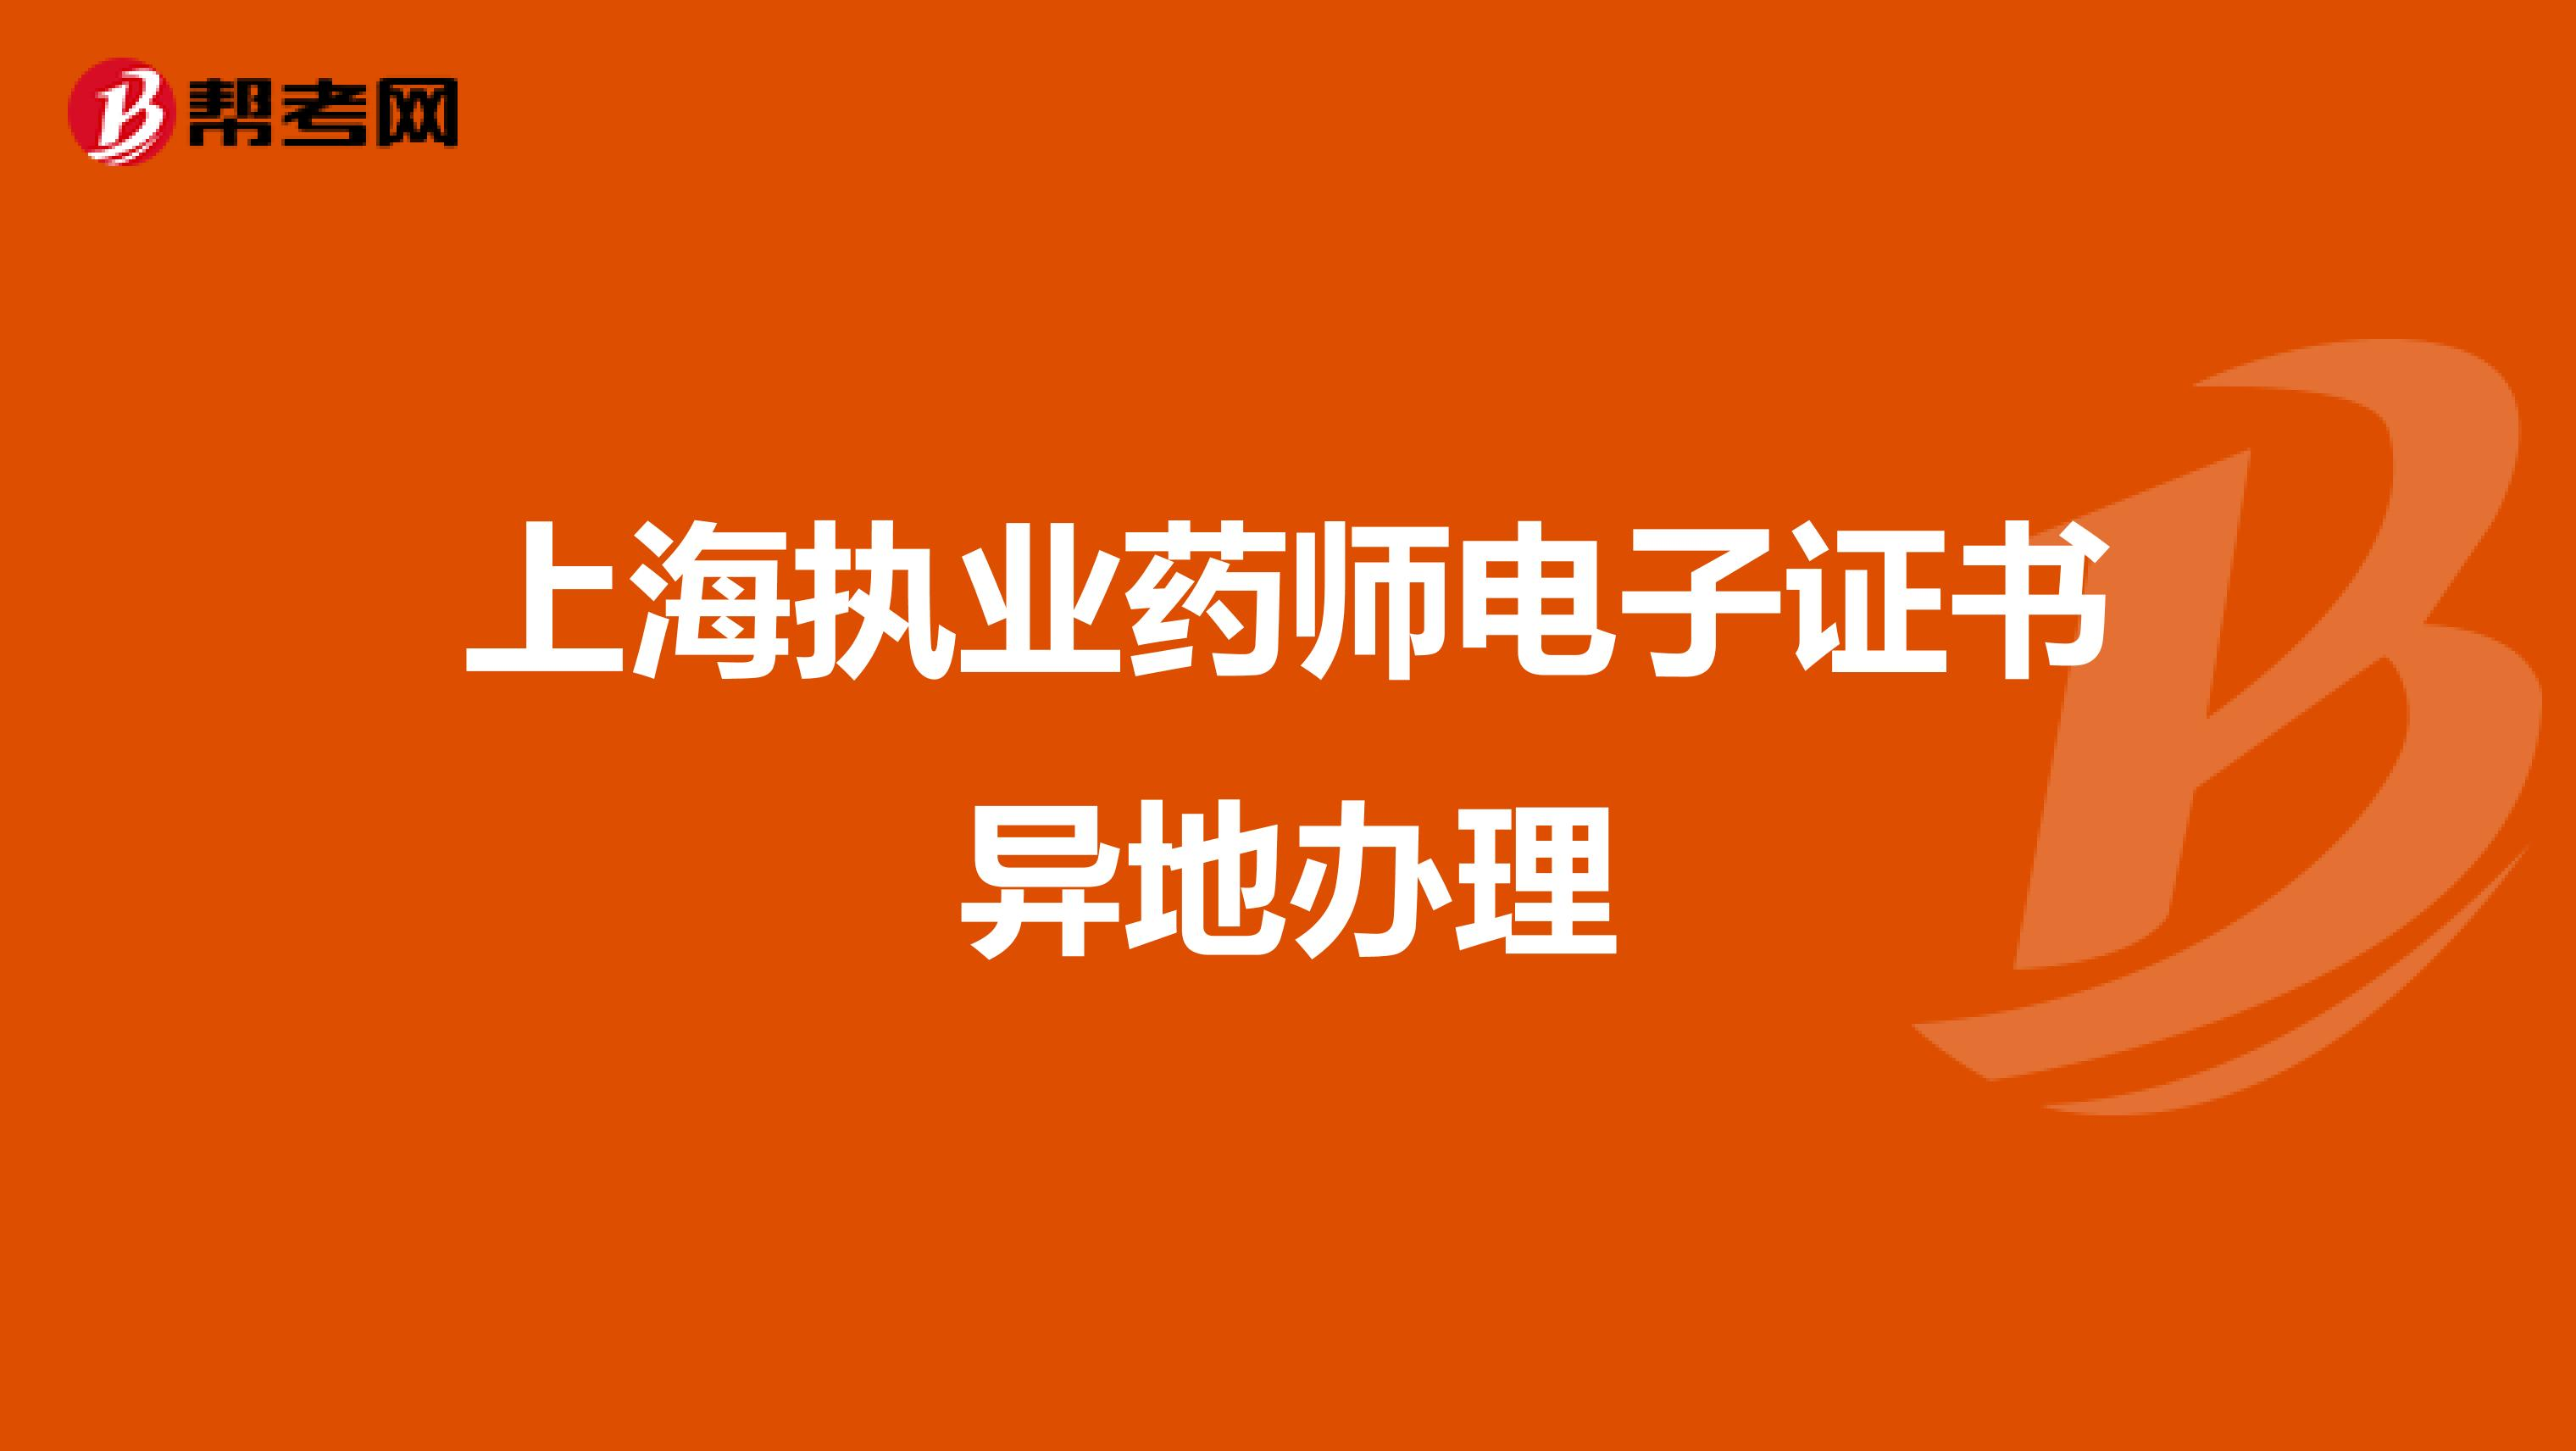 上海执业药师电子证书异地办理